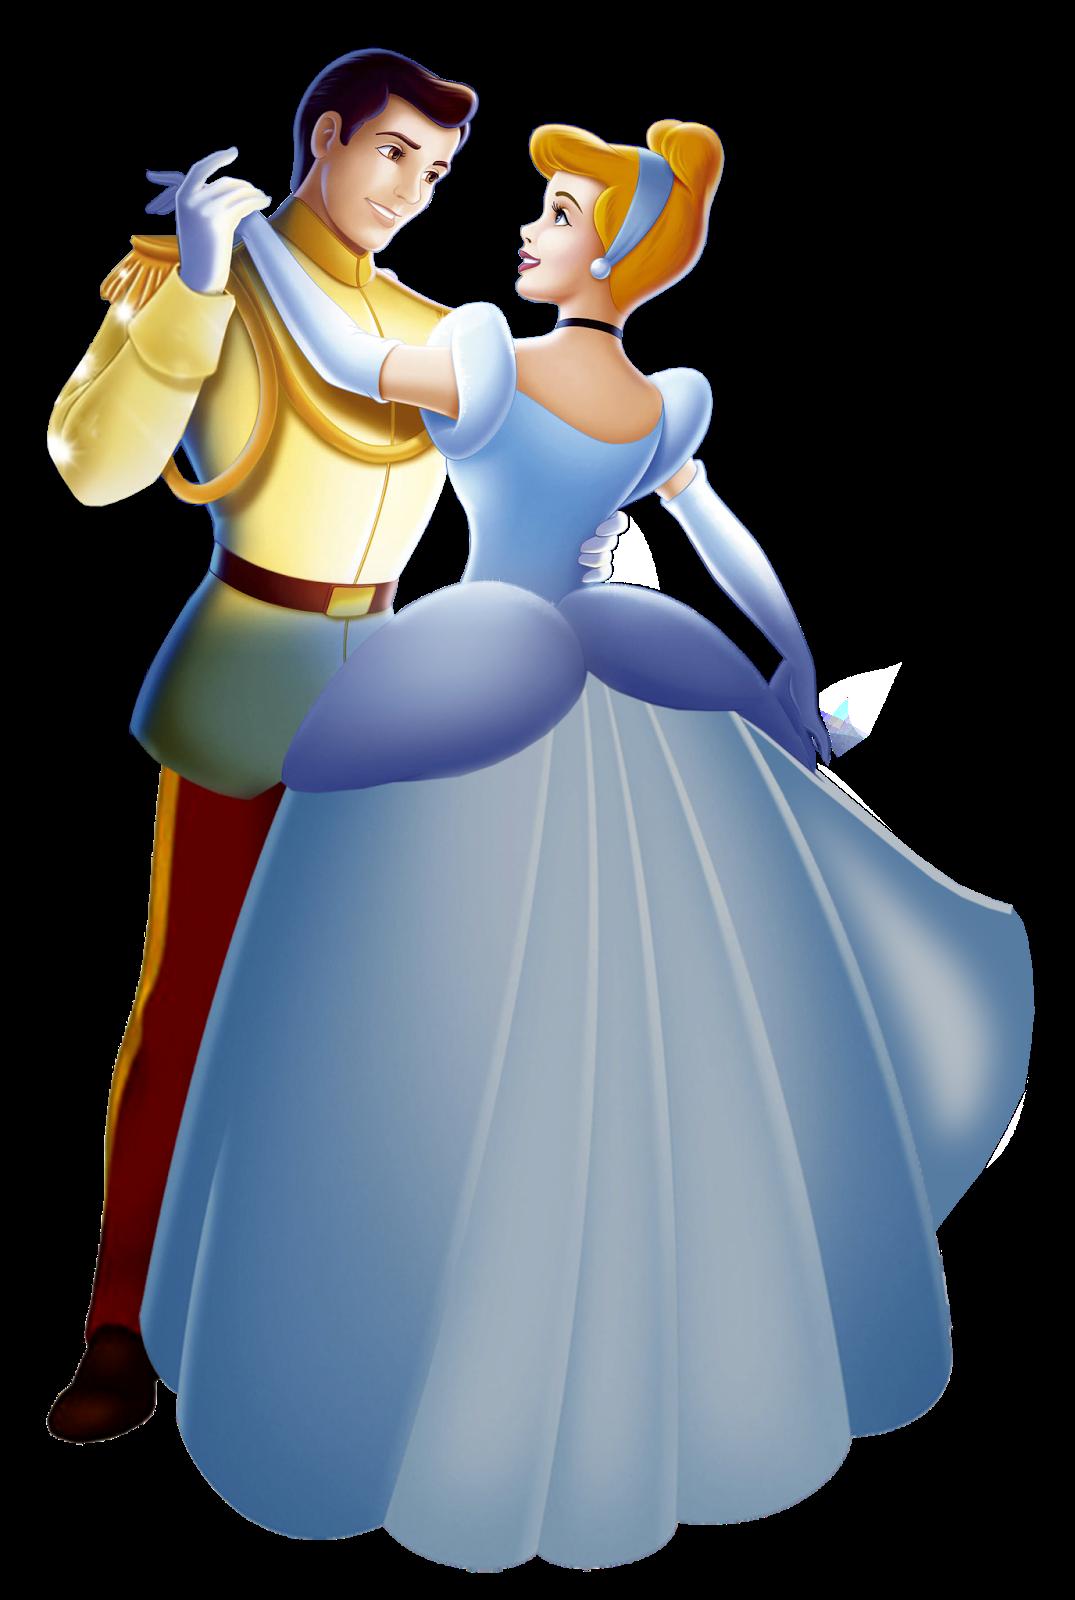 Cinderella cindrella